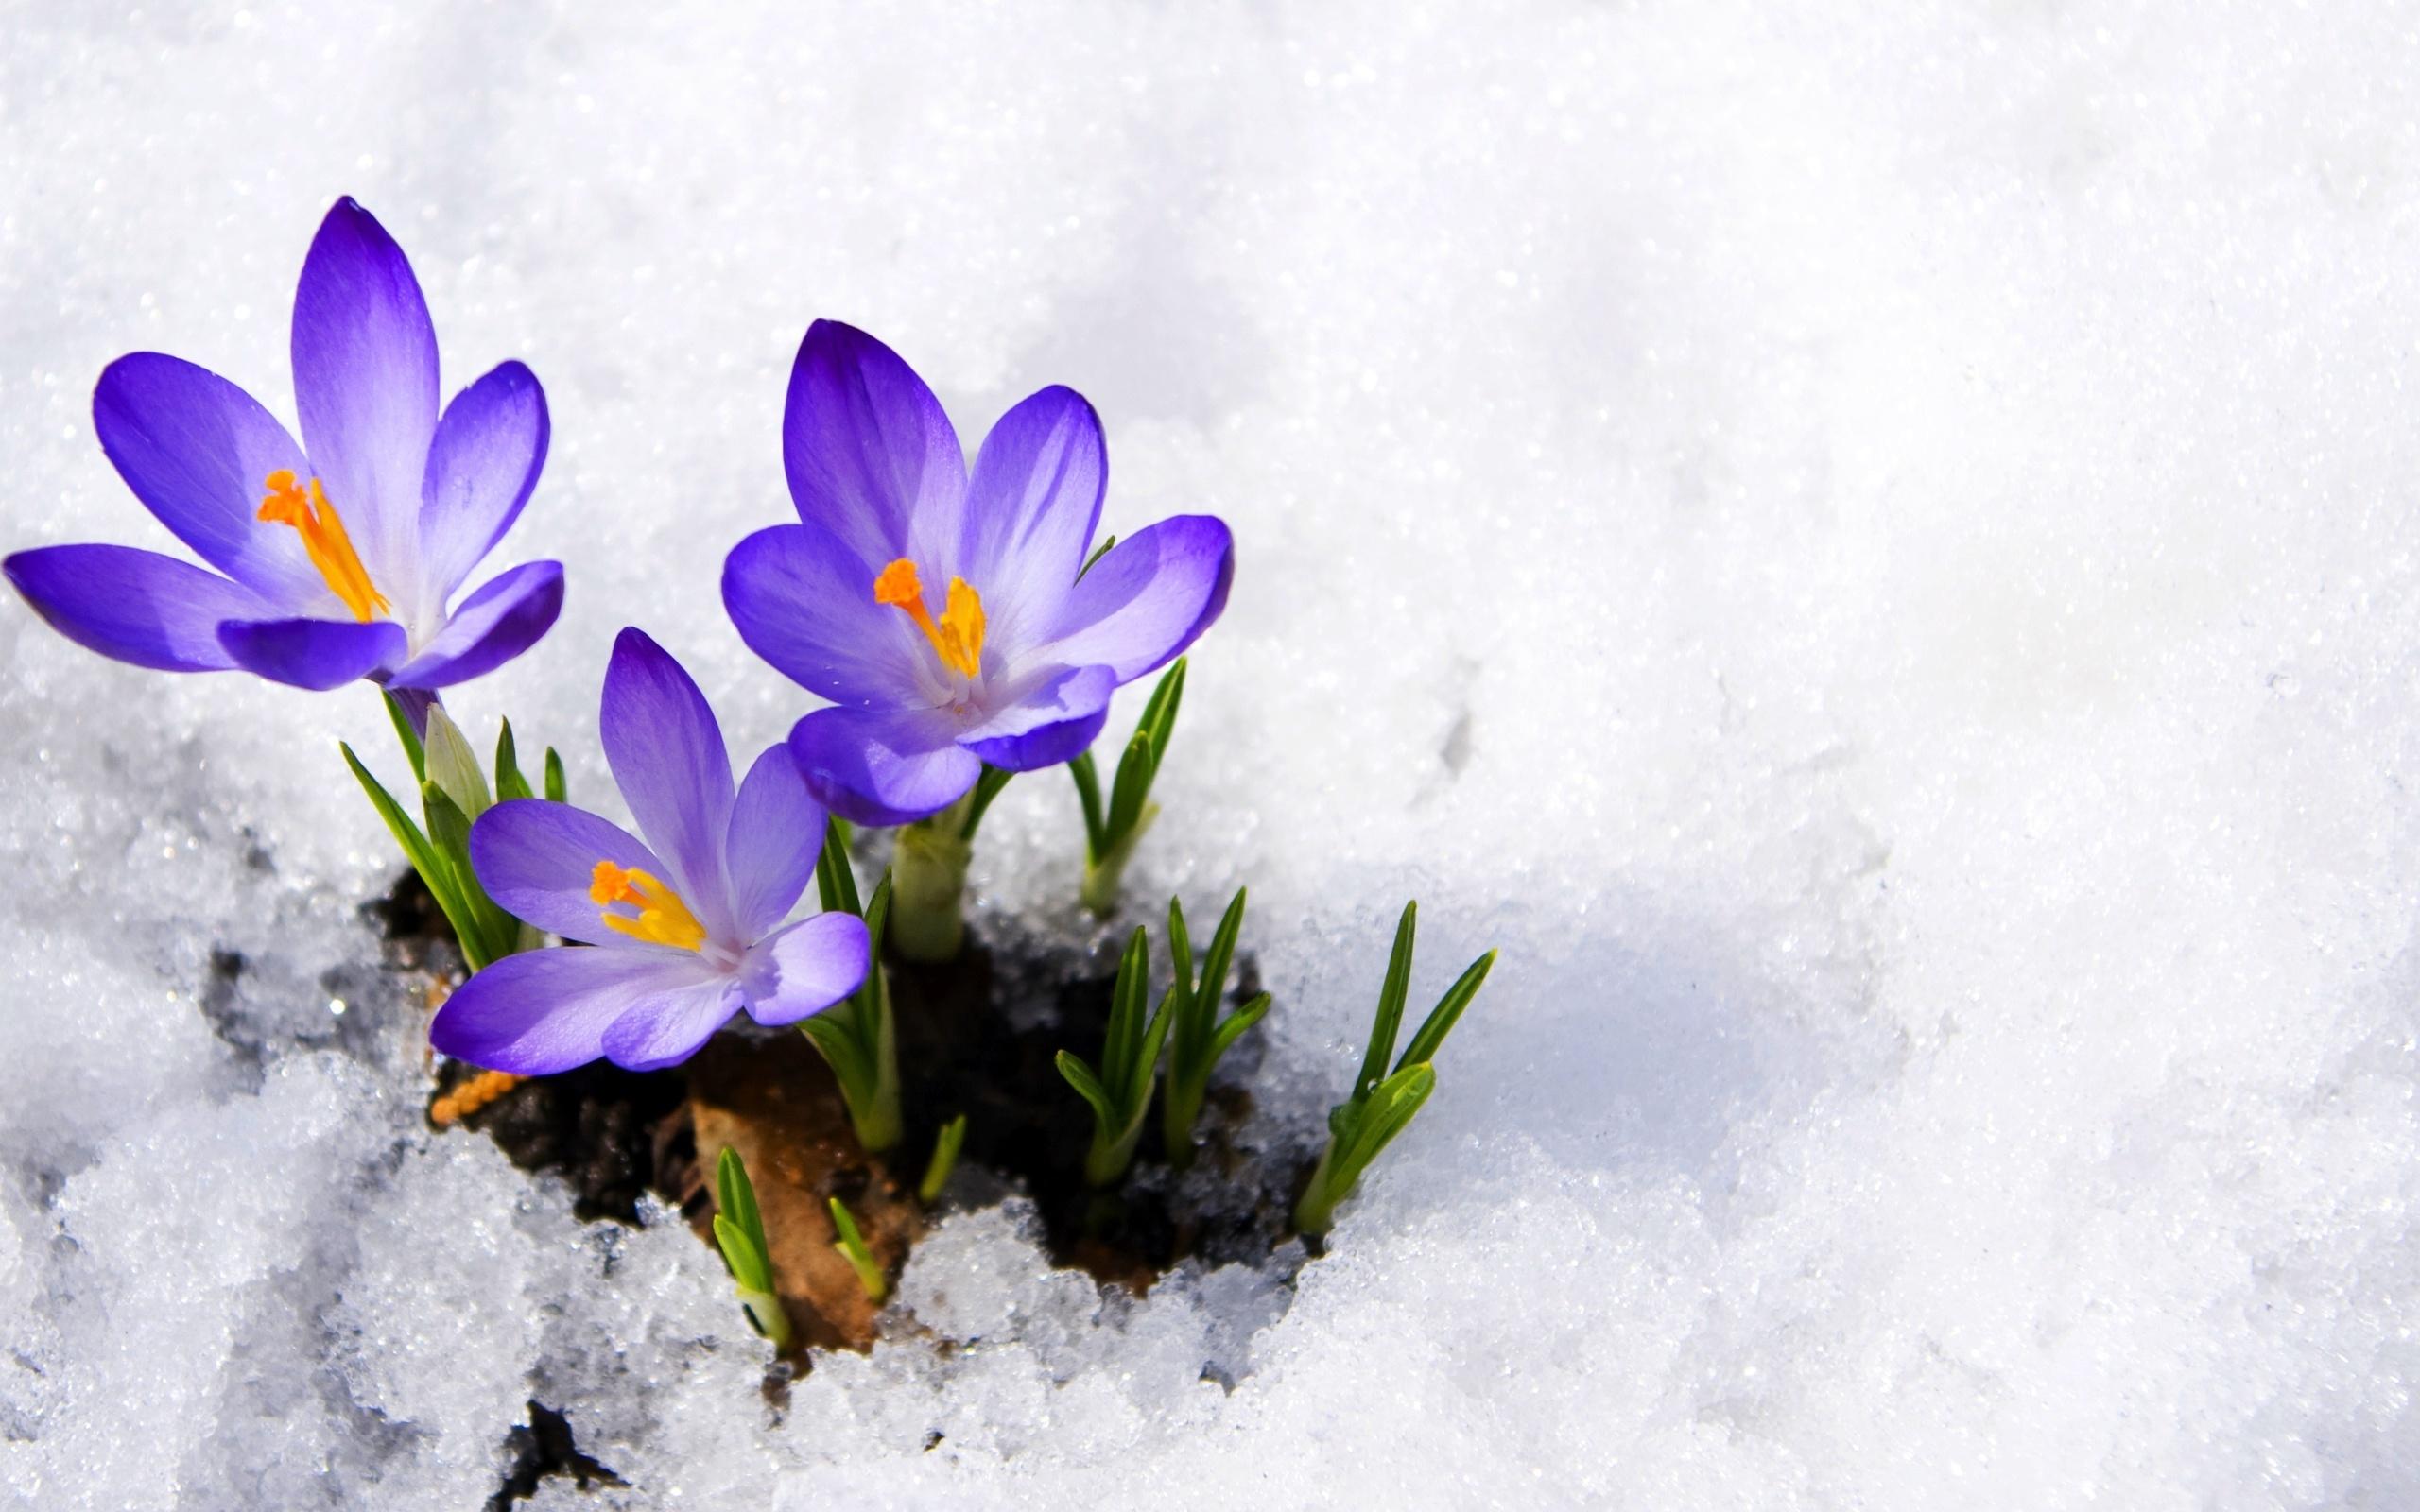 вся картинки на весь экран цветы под снегом графике